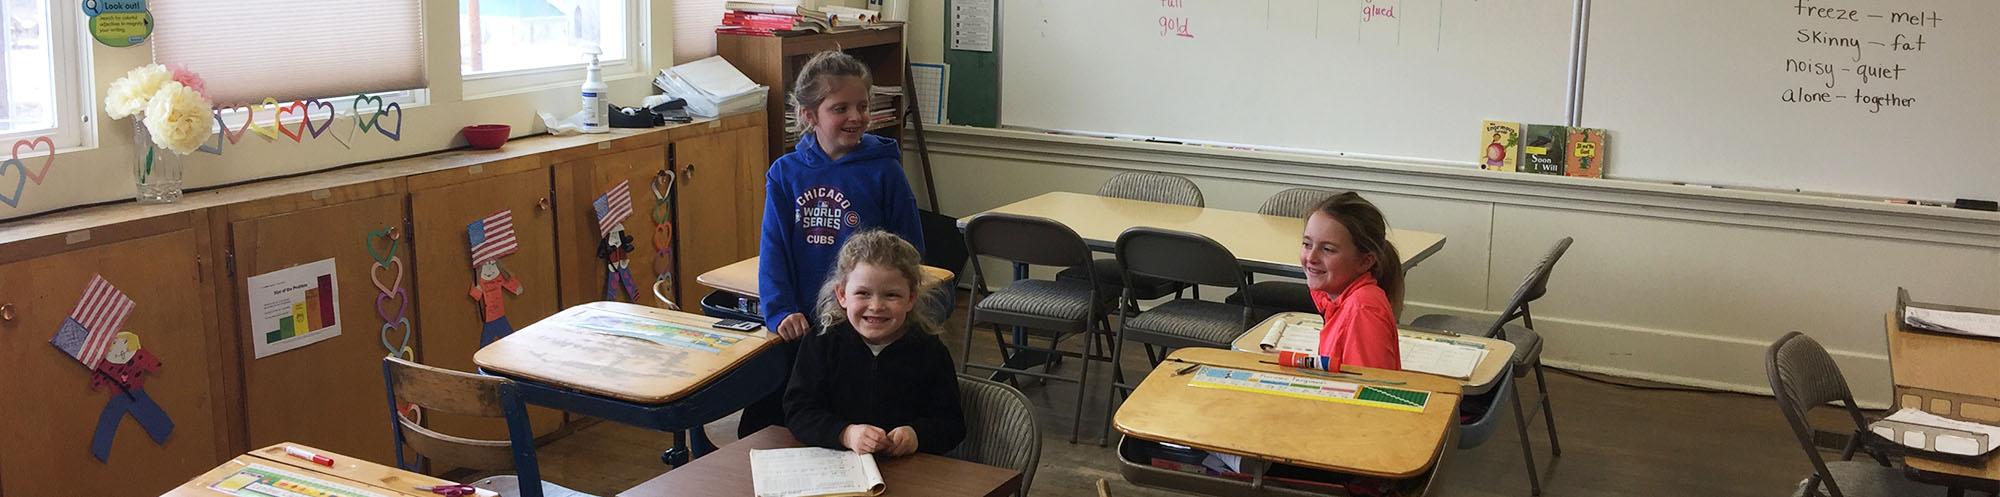 Three happy elementary school girls sitting in a classroom